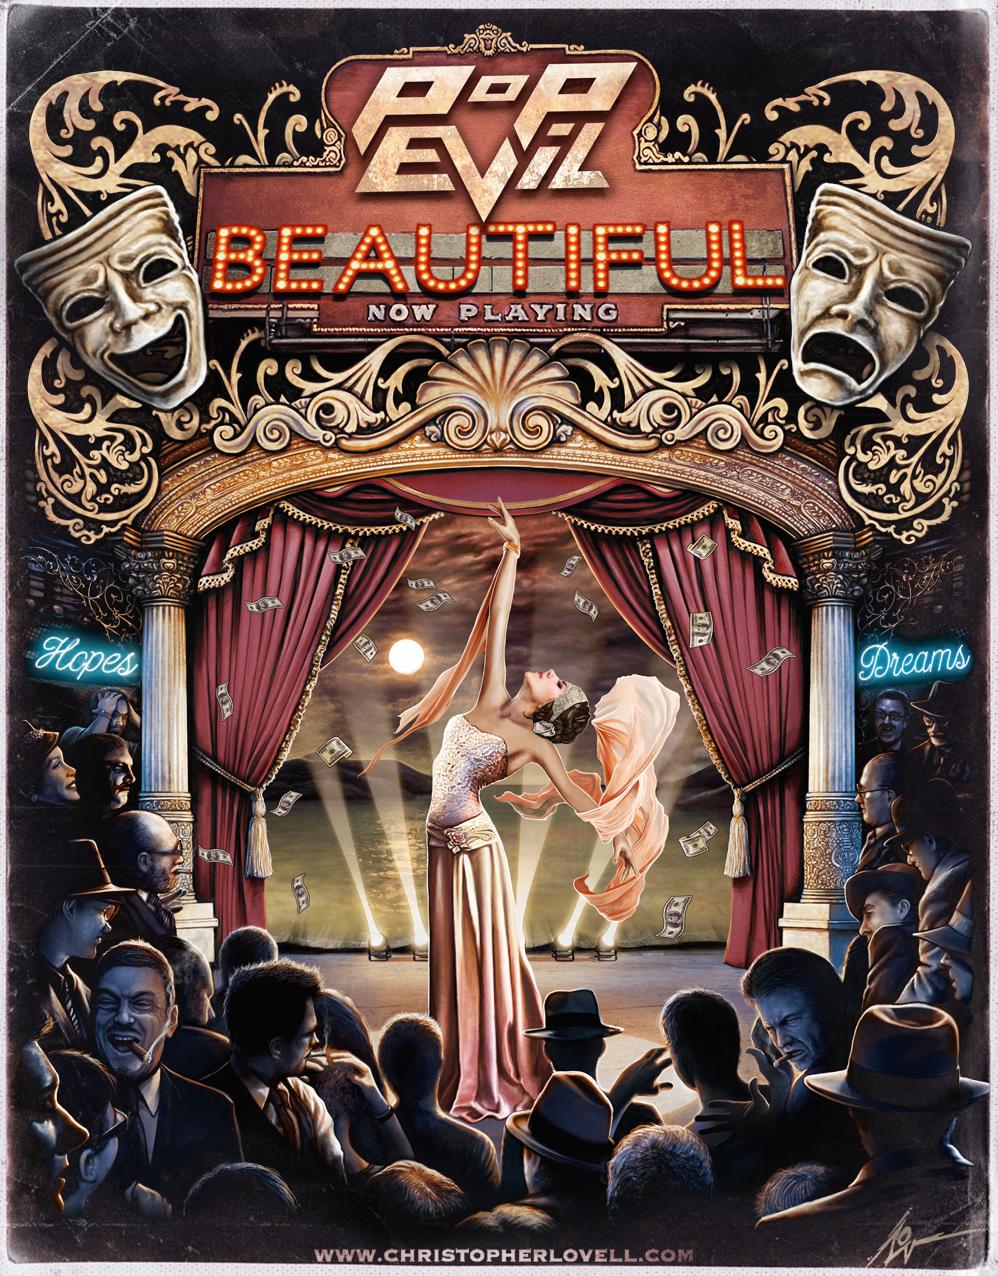 CHRISTOPHER_LOVELL_POP_EVIL_BEAUTIFUL_ARTWORK.jpg